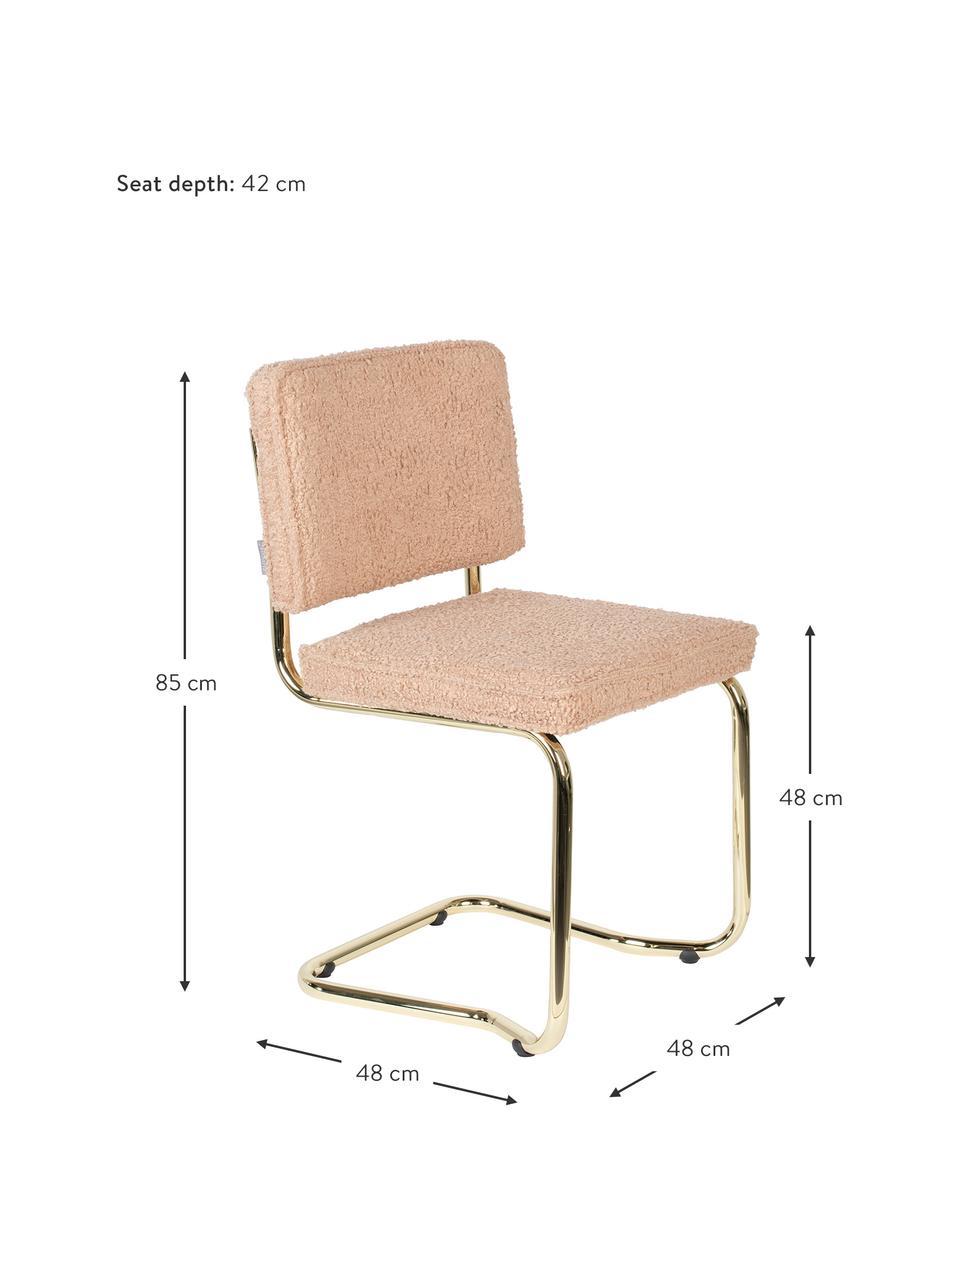 Krzesło podporowe Teddy Kink, Tapicerka: tkanina Teddy (100% polie, Nogi: tworzywo sztuczne, Blady różowy, odcienie mosiądzu, S 48 x G 48 cm